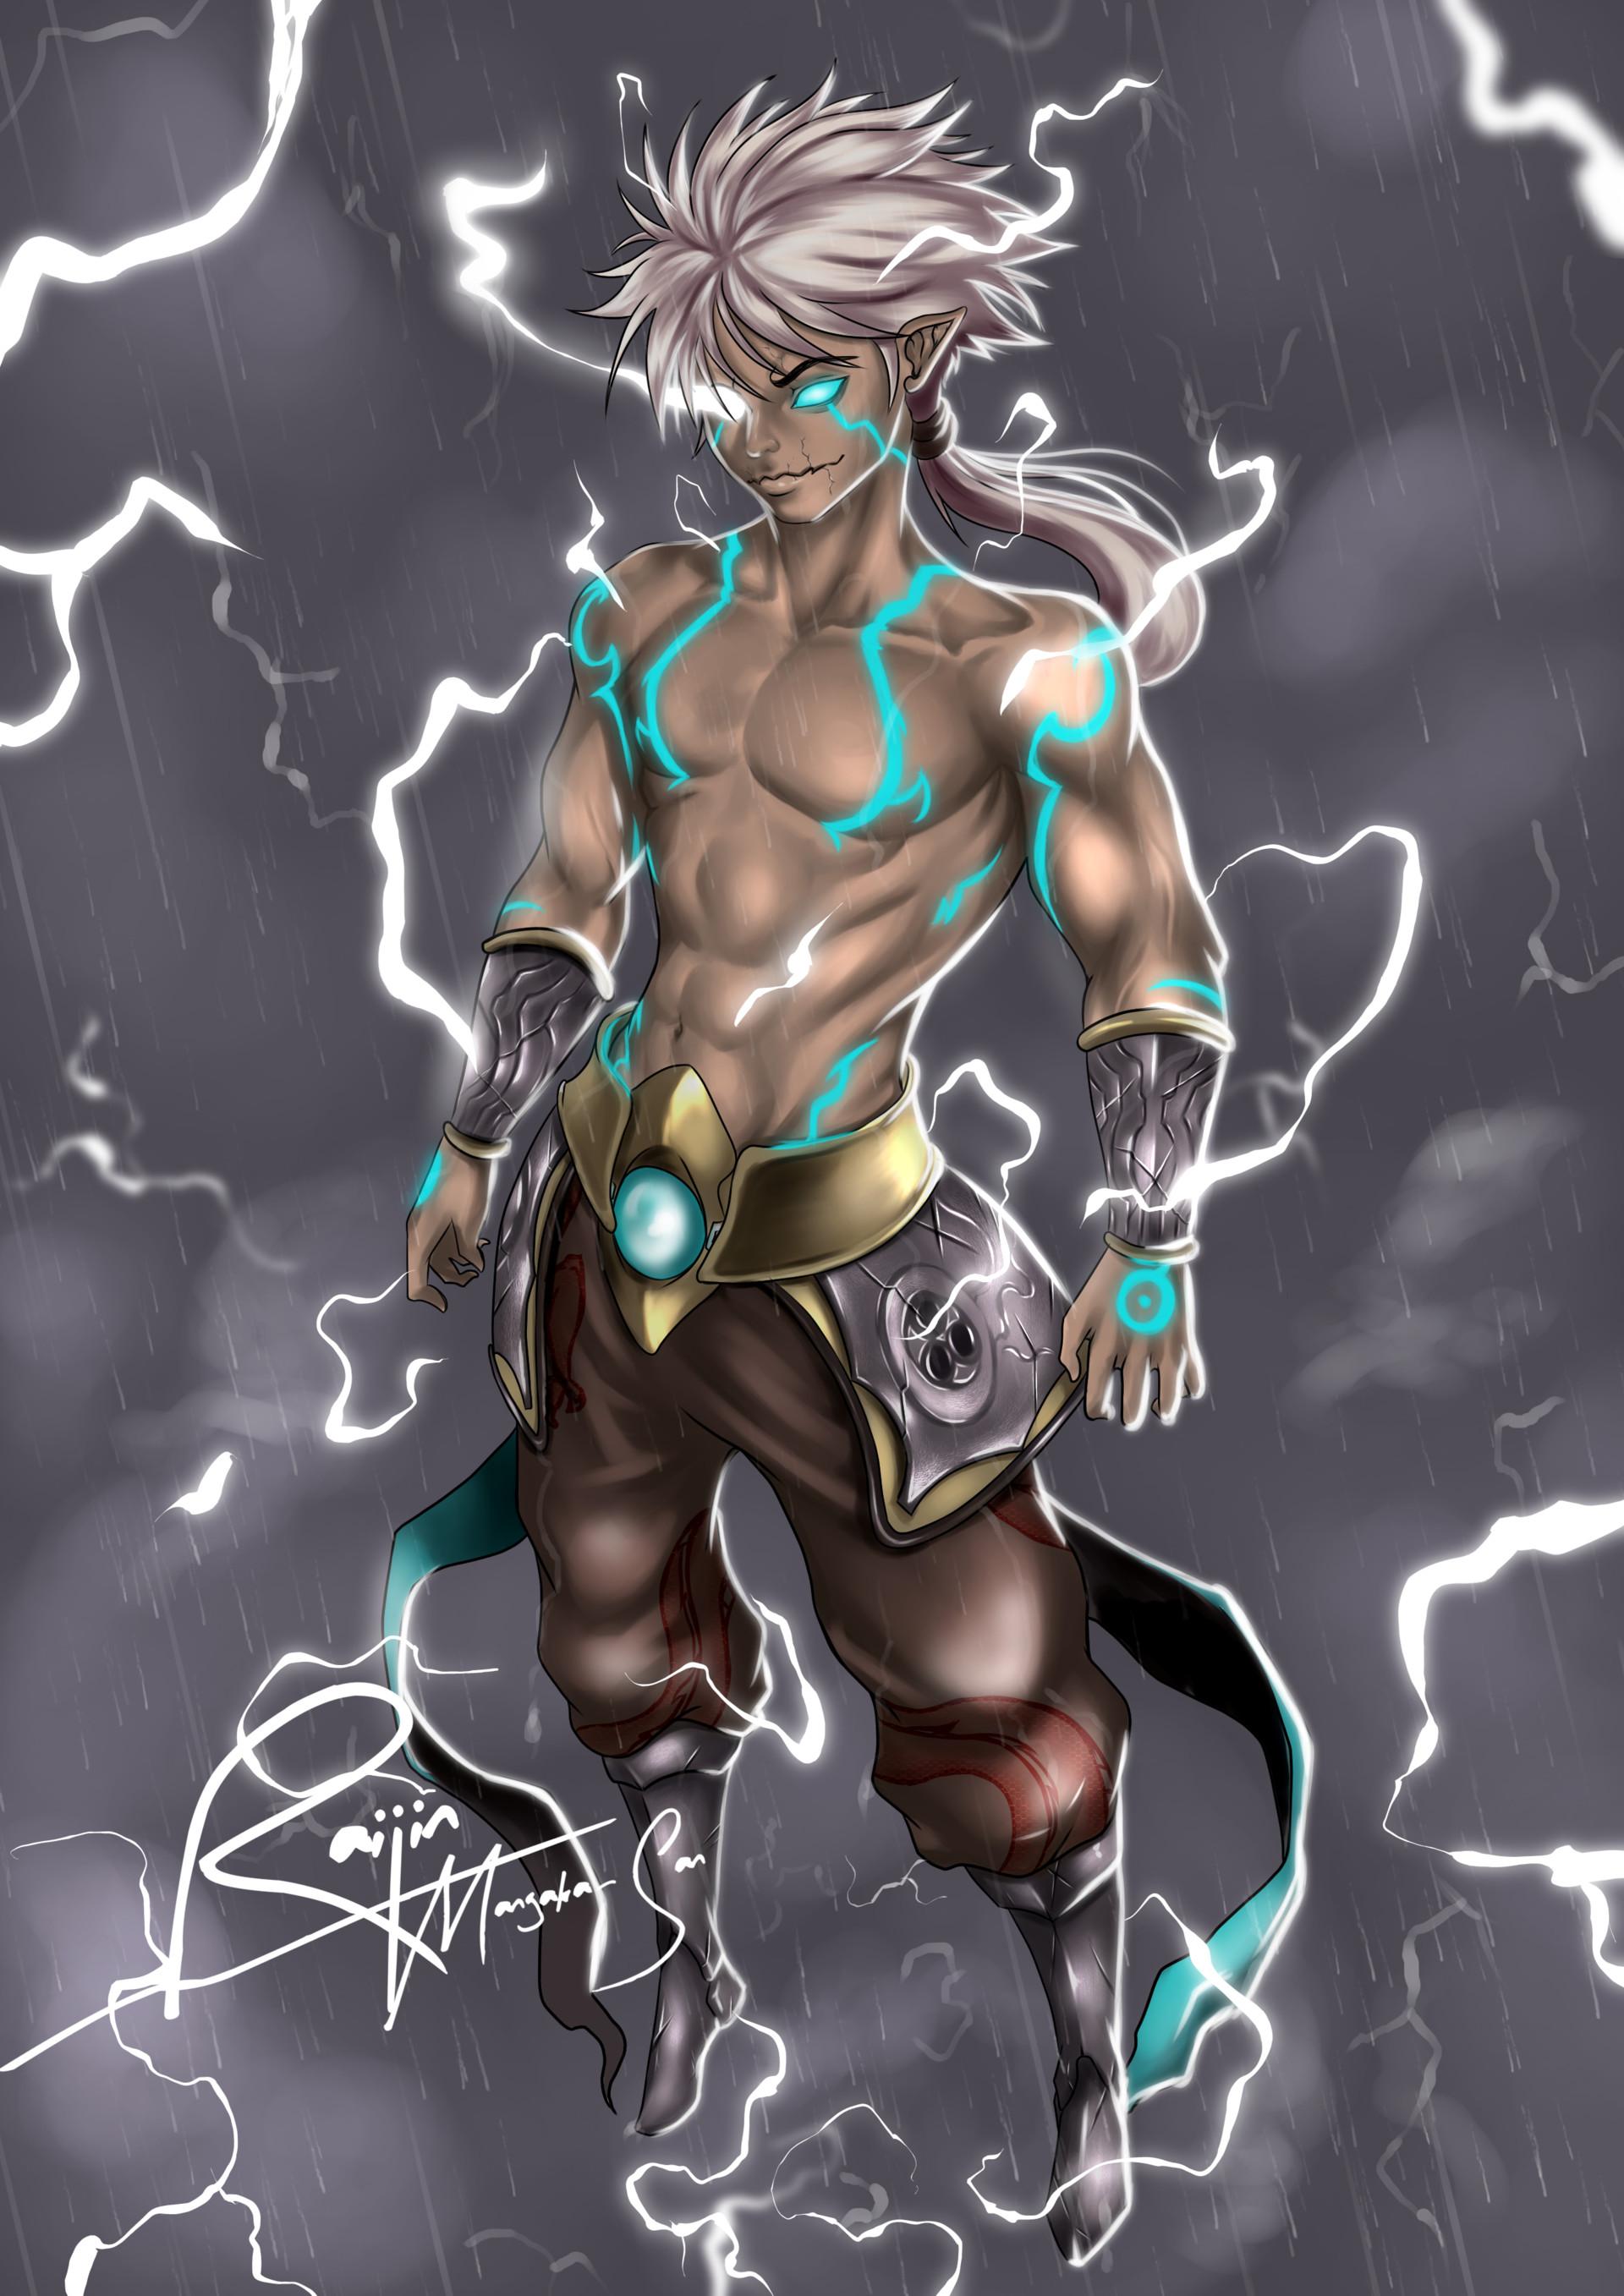 Raijin Art Raijin Thunder God He is the god of thunder and lightning in japanese mythology. raijin art raijin thunder god